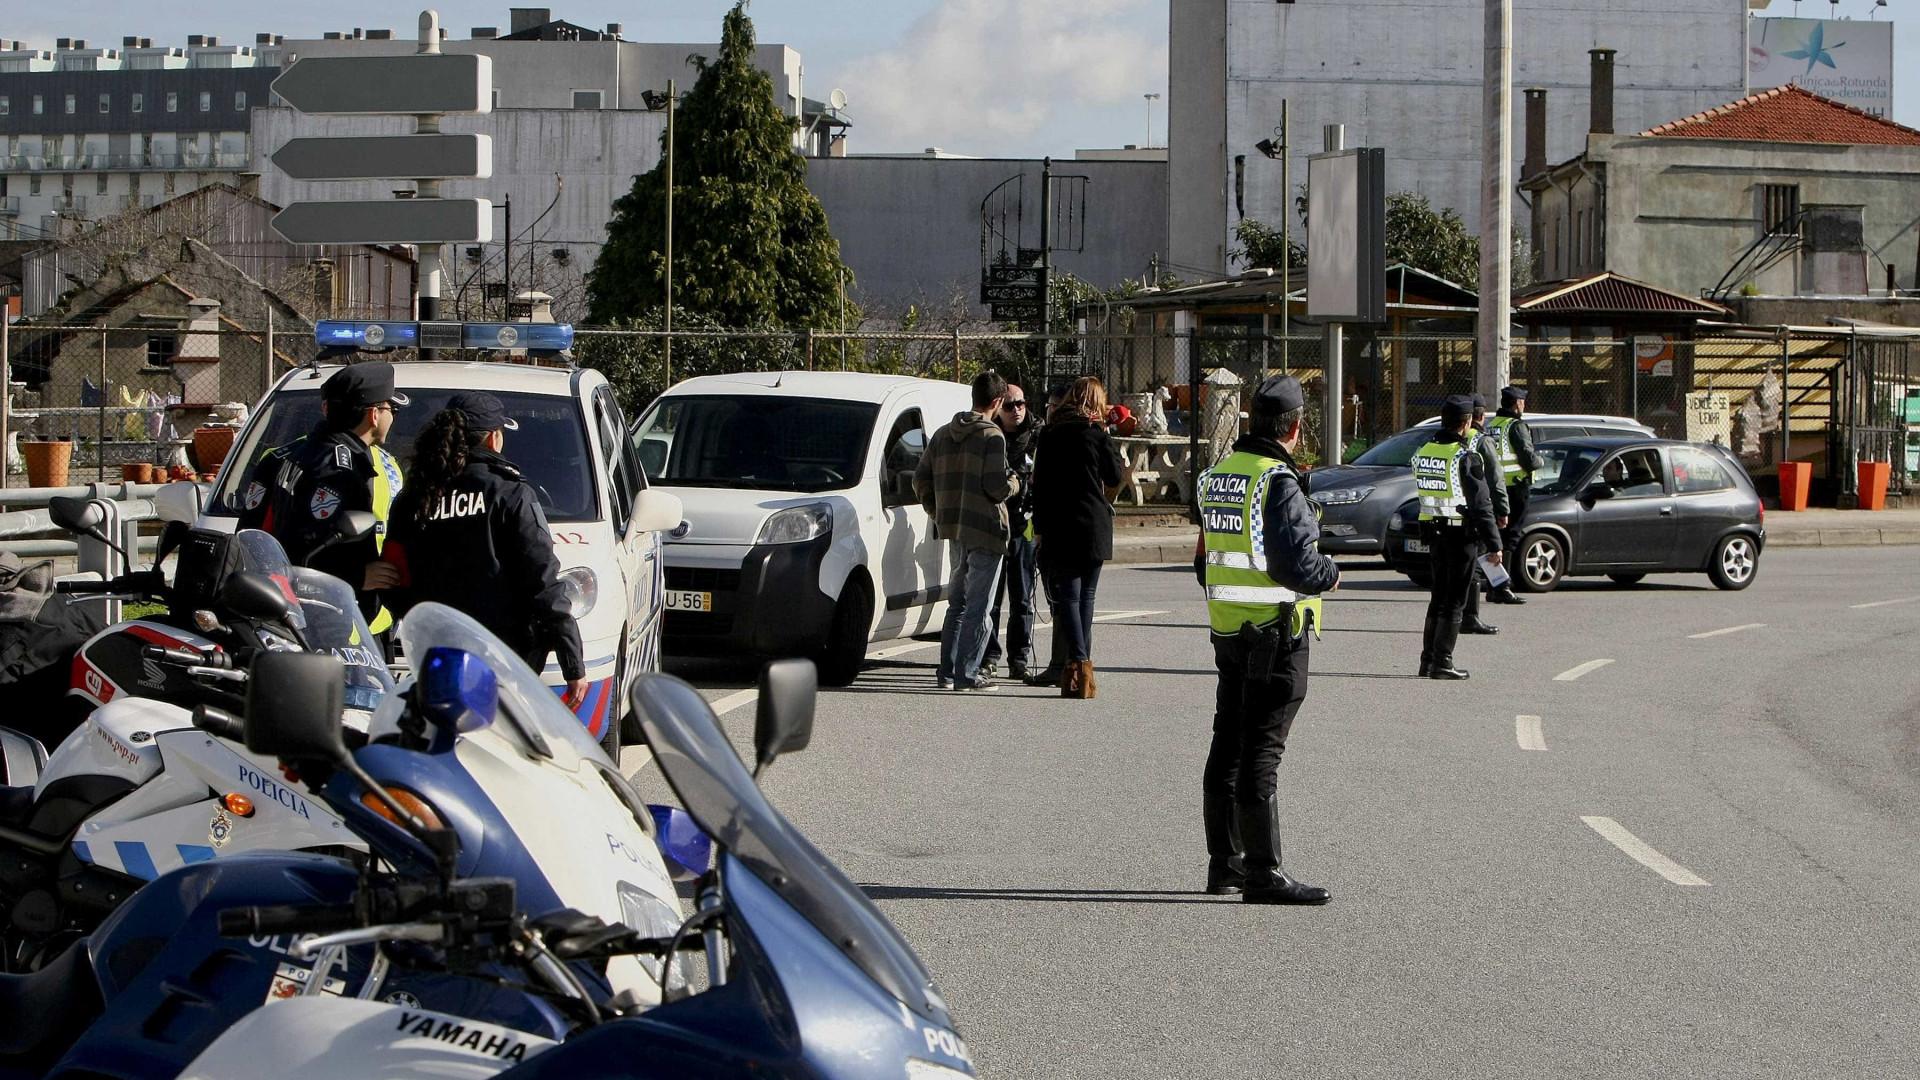 Porto: PSP deteve 15 pessoas, a maioria por condução sob efeito de álcool